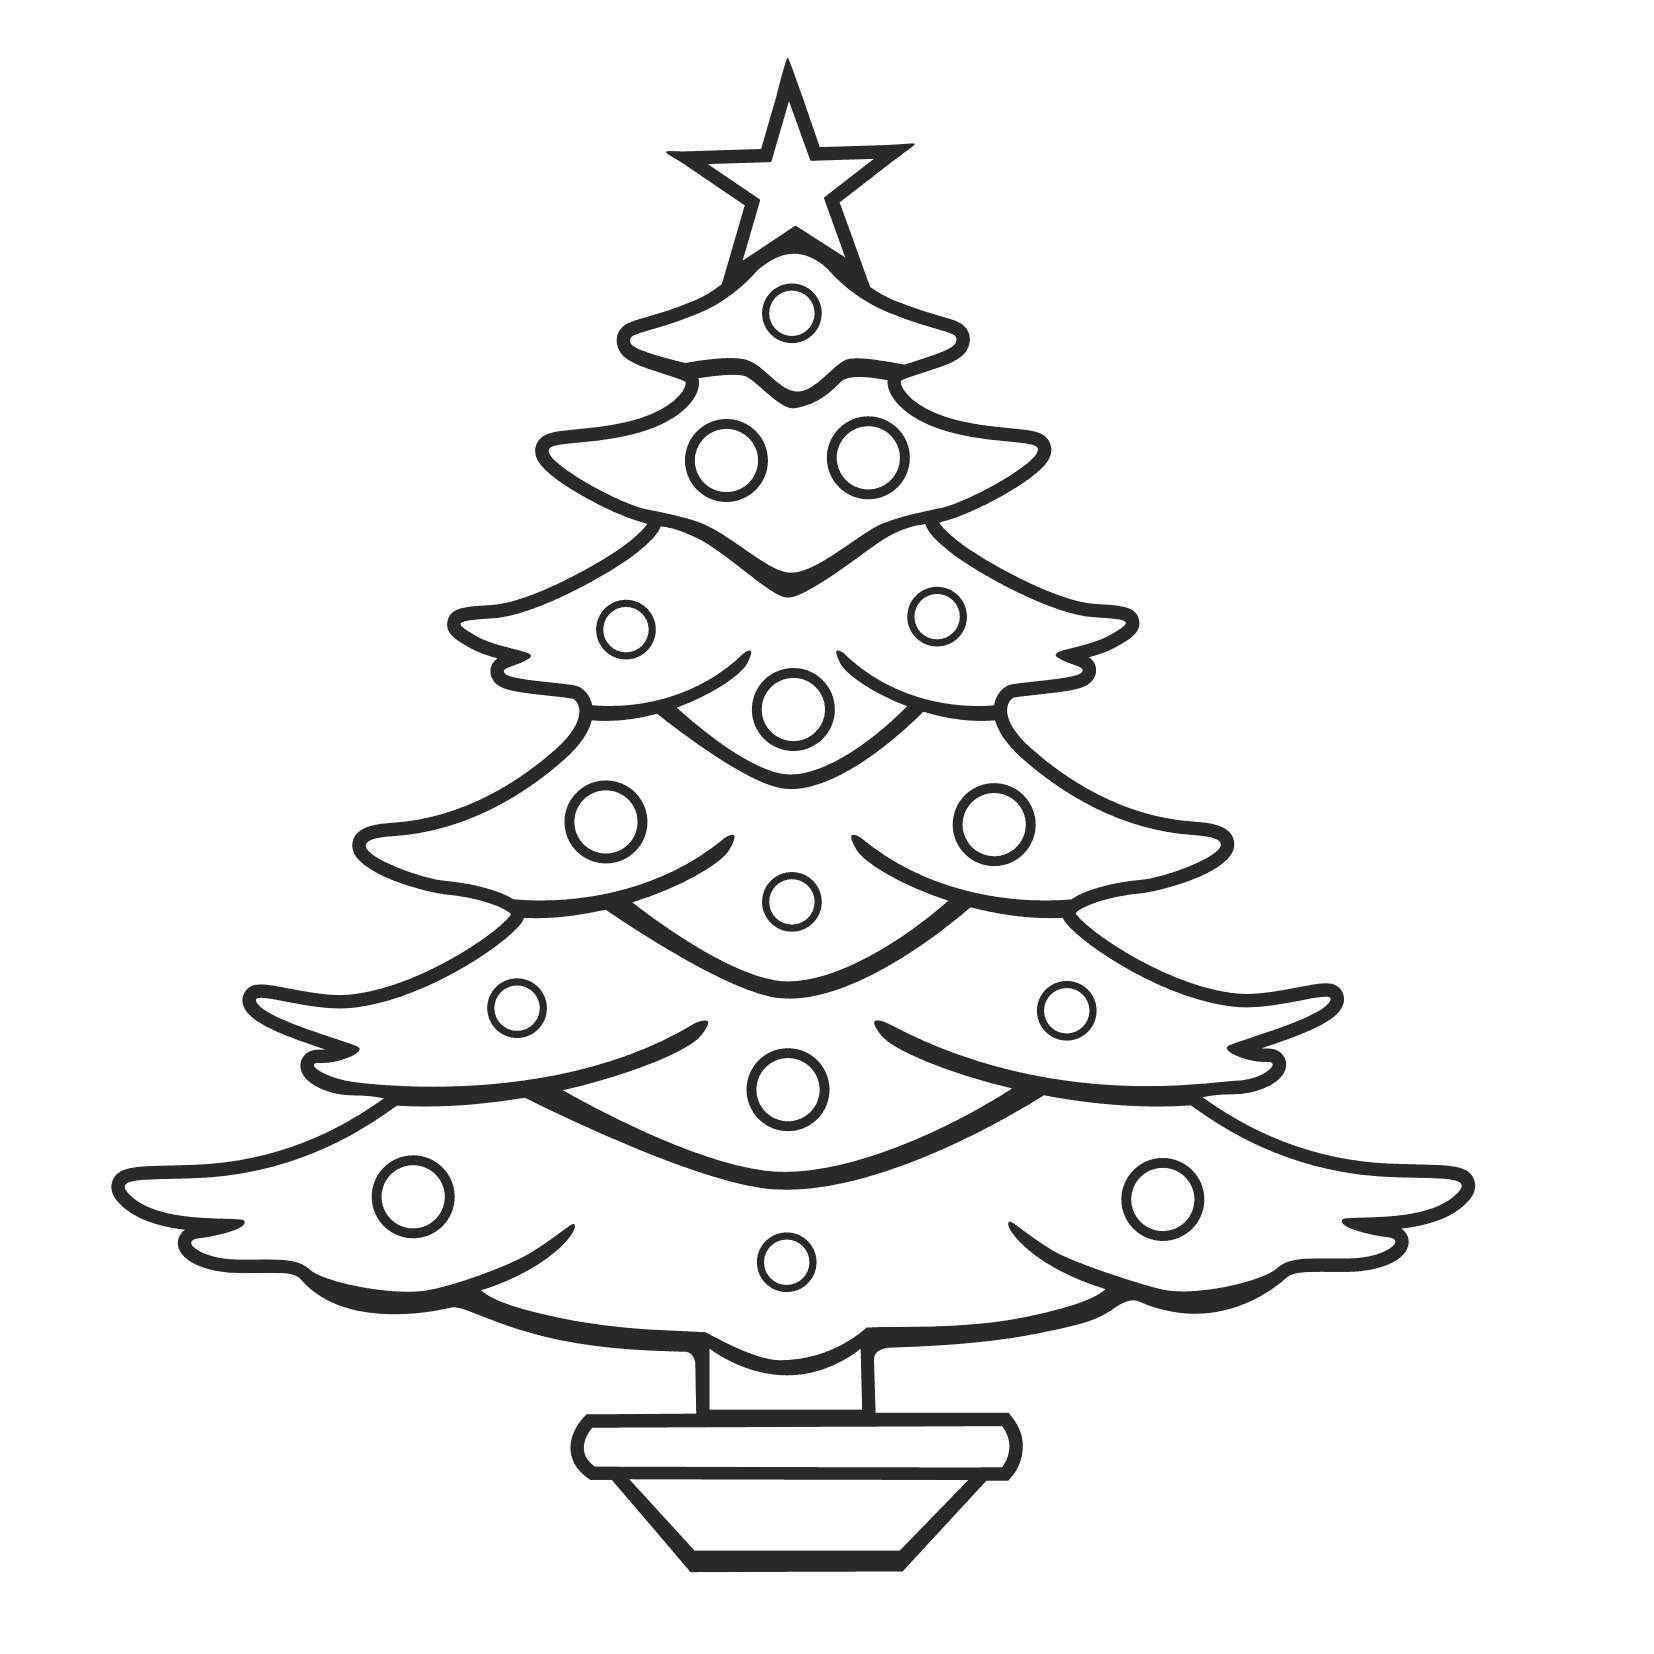 Unique Christmas Tree Star Clipart Black And White Prekhome Weihnachtsbaum Vorlage Malvorlagen Weihnachten Weihnachtsmalvorlagen